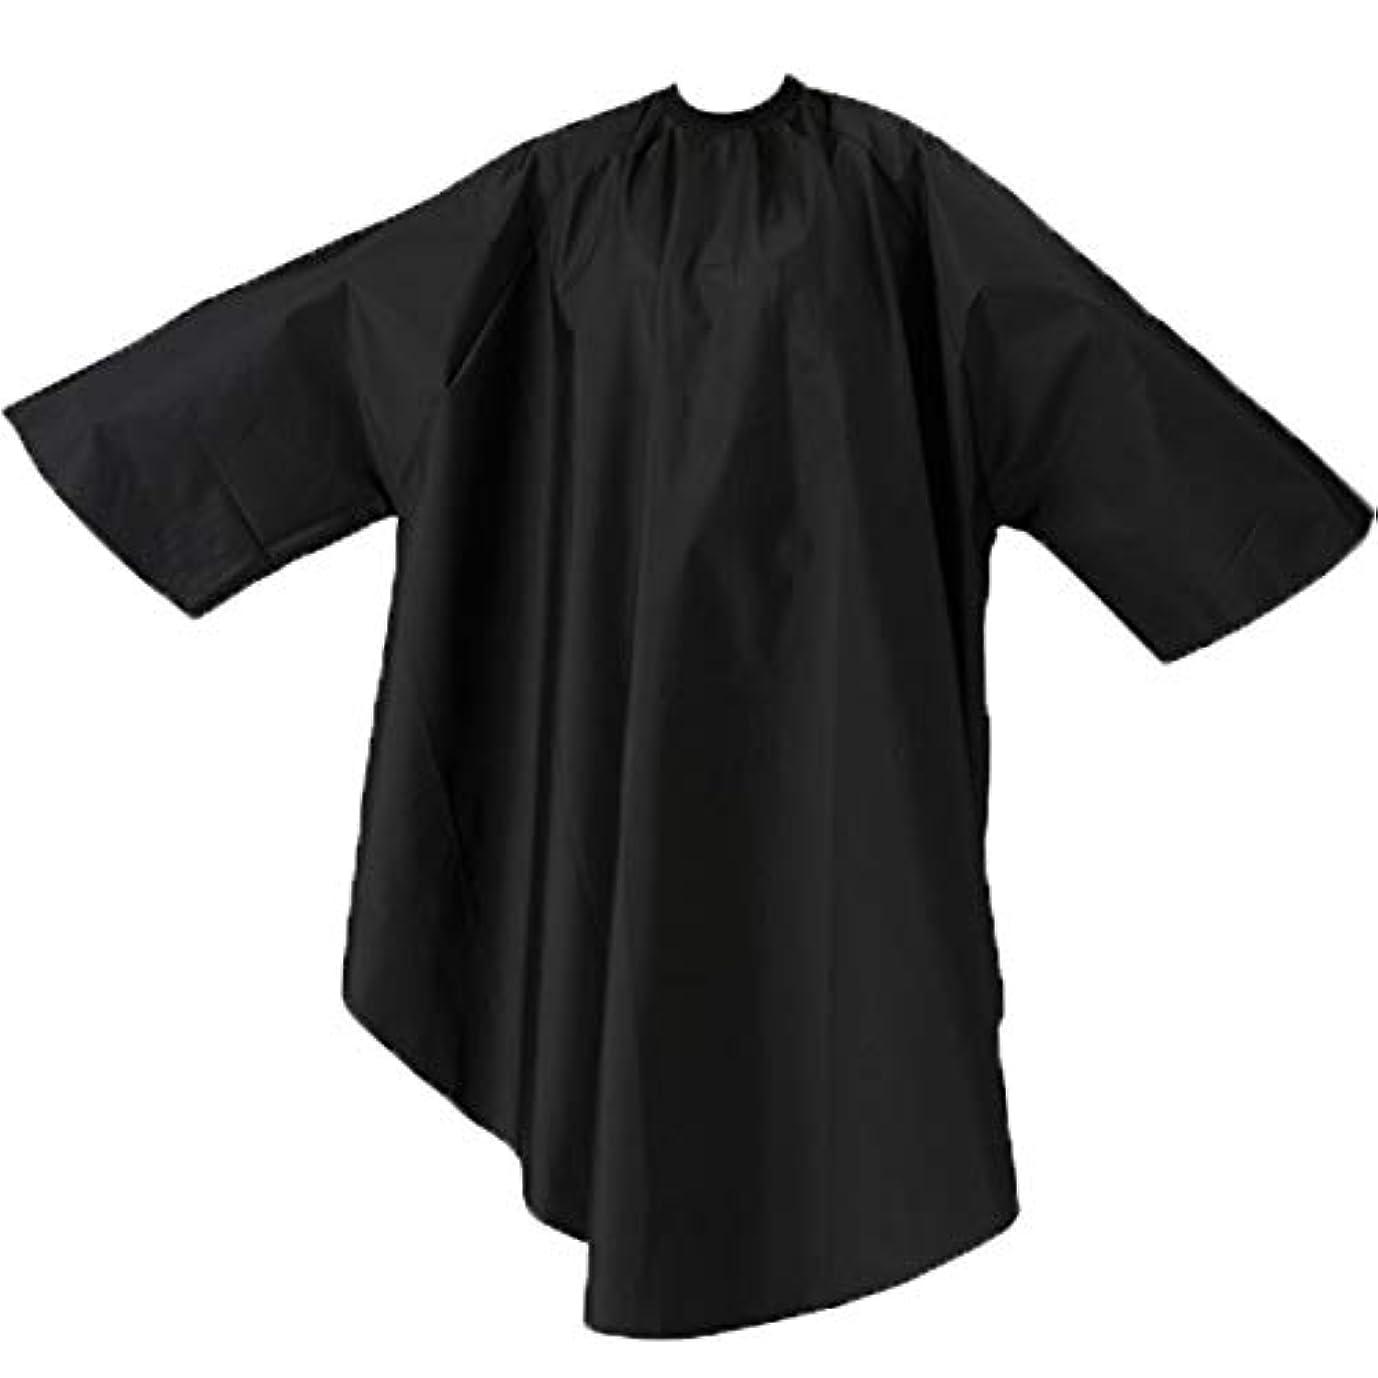 宗教ではごきげんようクッションエルコ 9762 ザ?クロス SKITT II 袖付 ヘアダイ&カットクロス ナイロン100% ヘアカラー/散髪ケープ/カットクロス/刈布 ELCO (首回り52cm, ブラック)